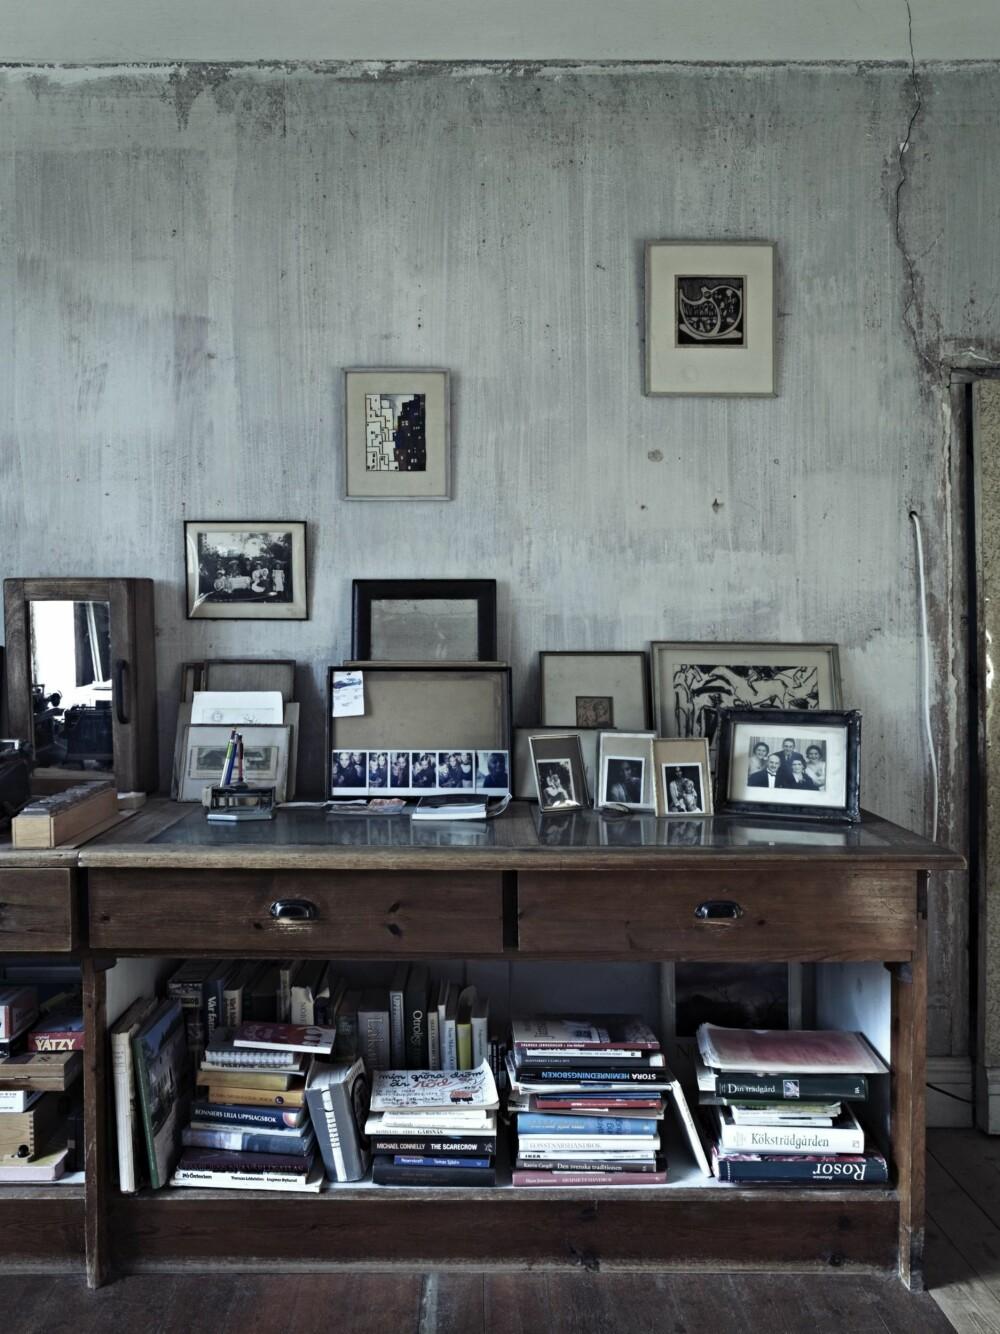 FOTOKUNST: På veggen i arbeidsrommet henger Christinas private bilder side om side med bilder av Katarina, husets første eier.